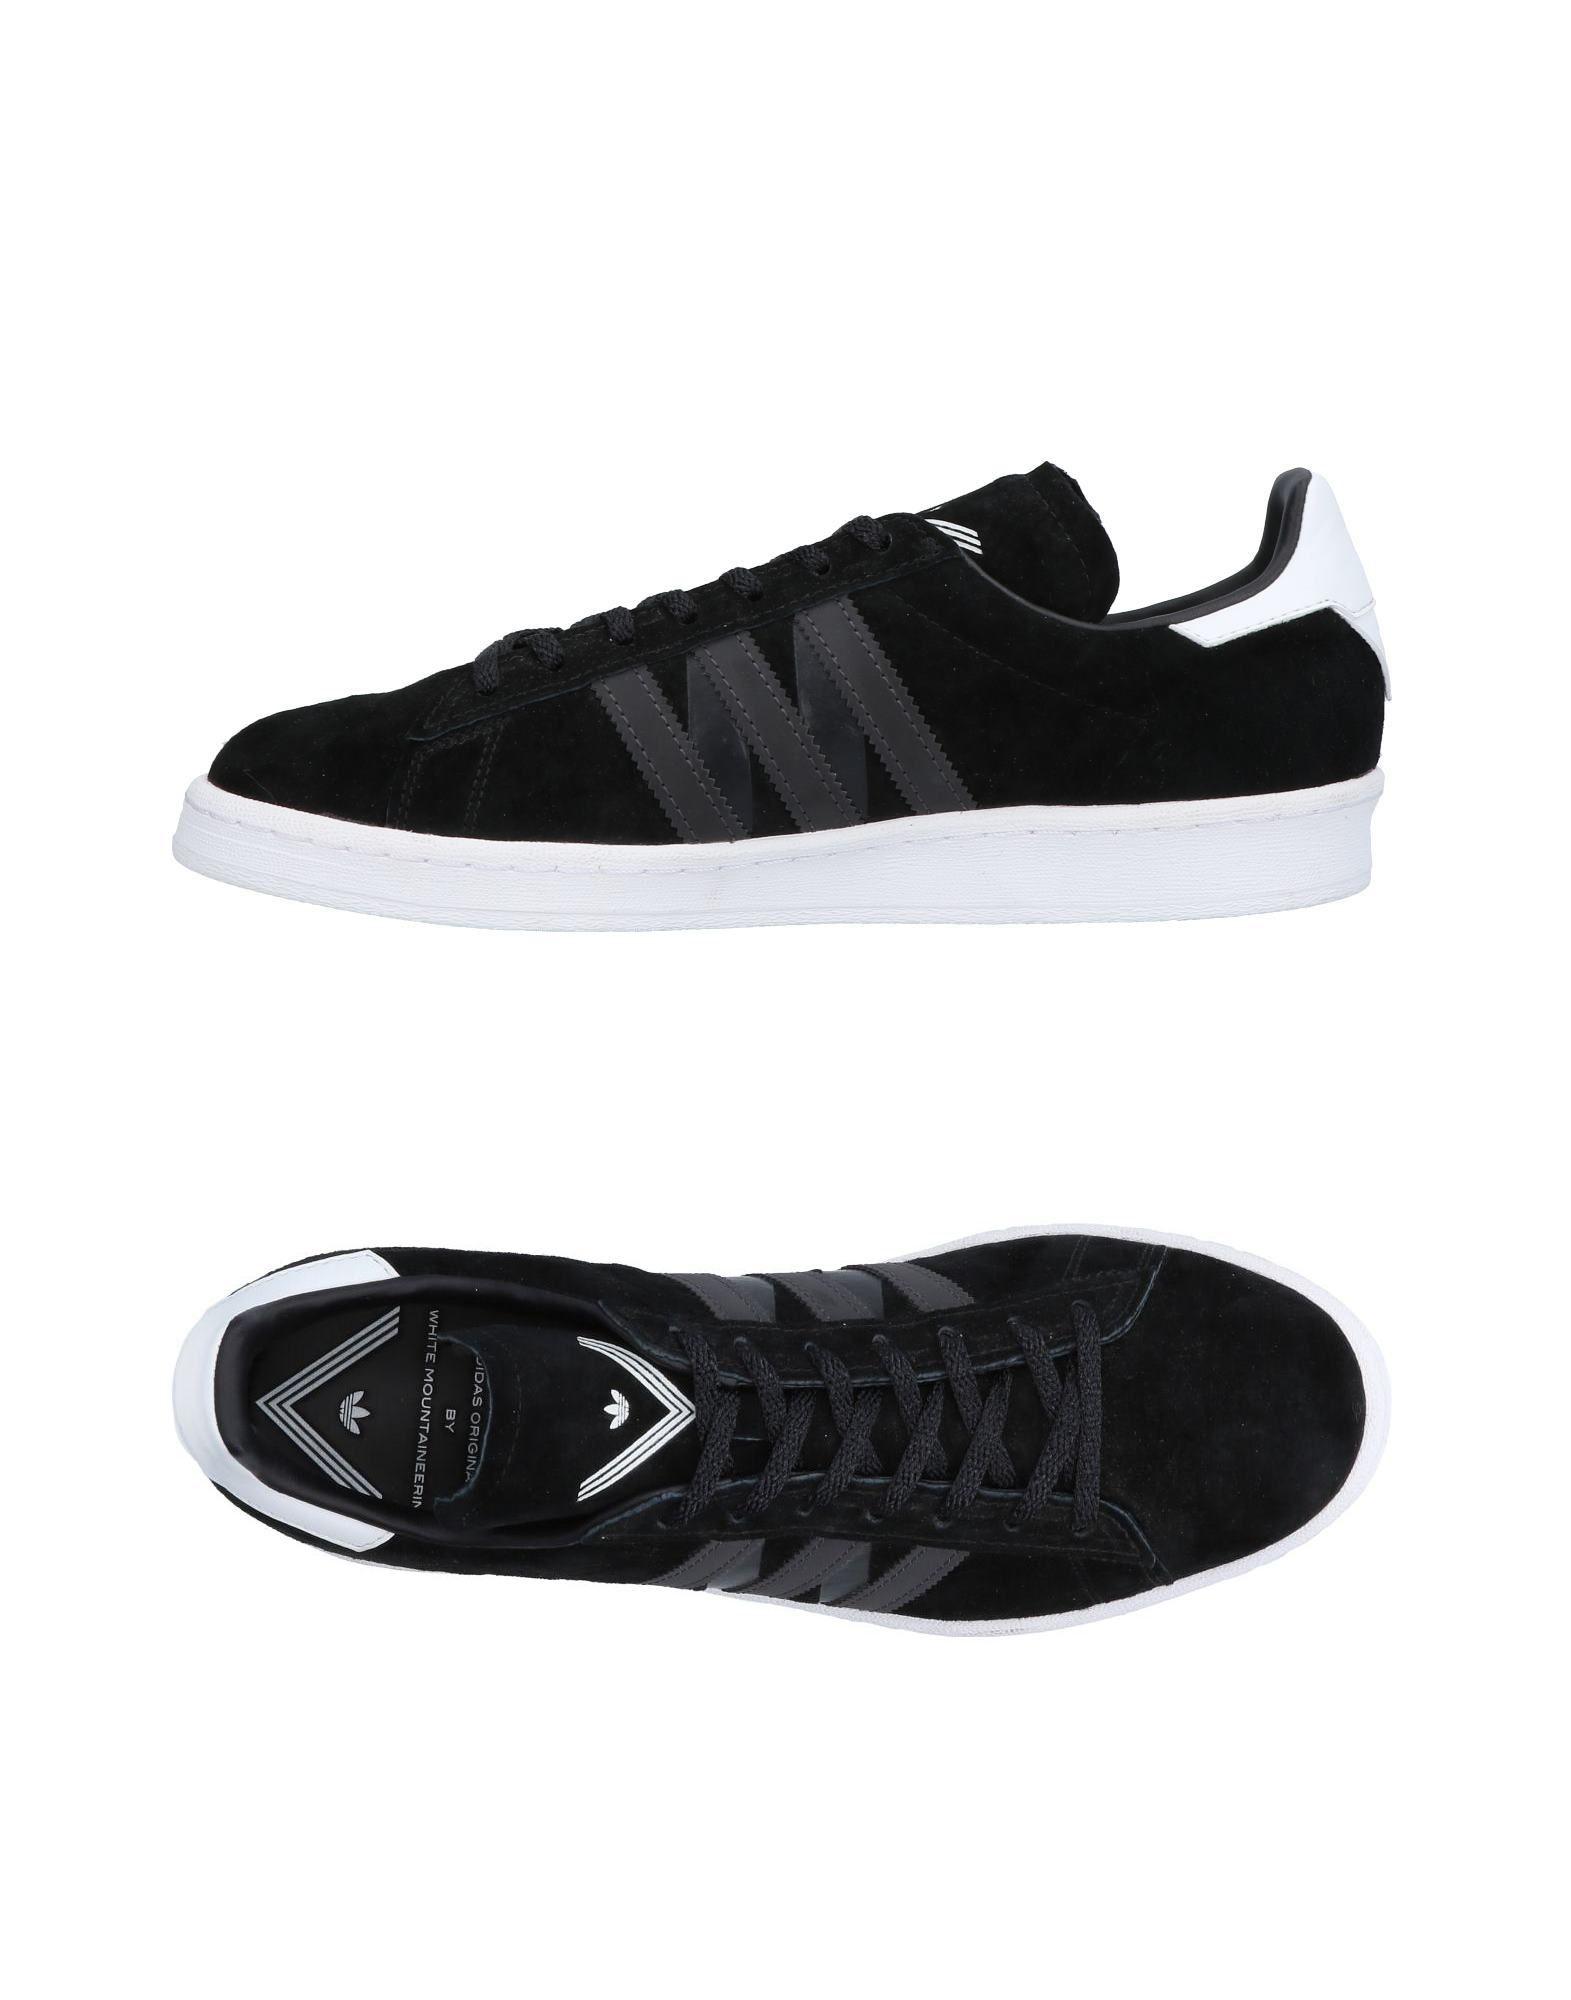 Scarpe da - Ginnastica Adidas Originals Donna - da 11454739FX a0f9e4